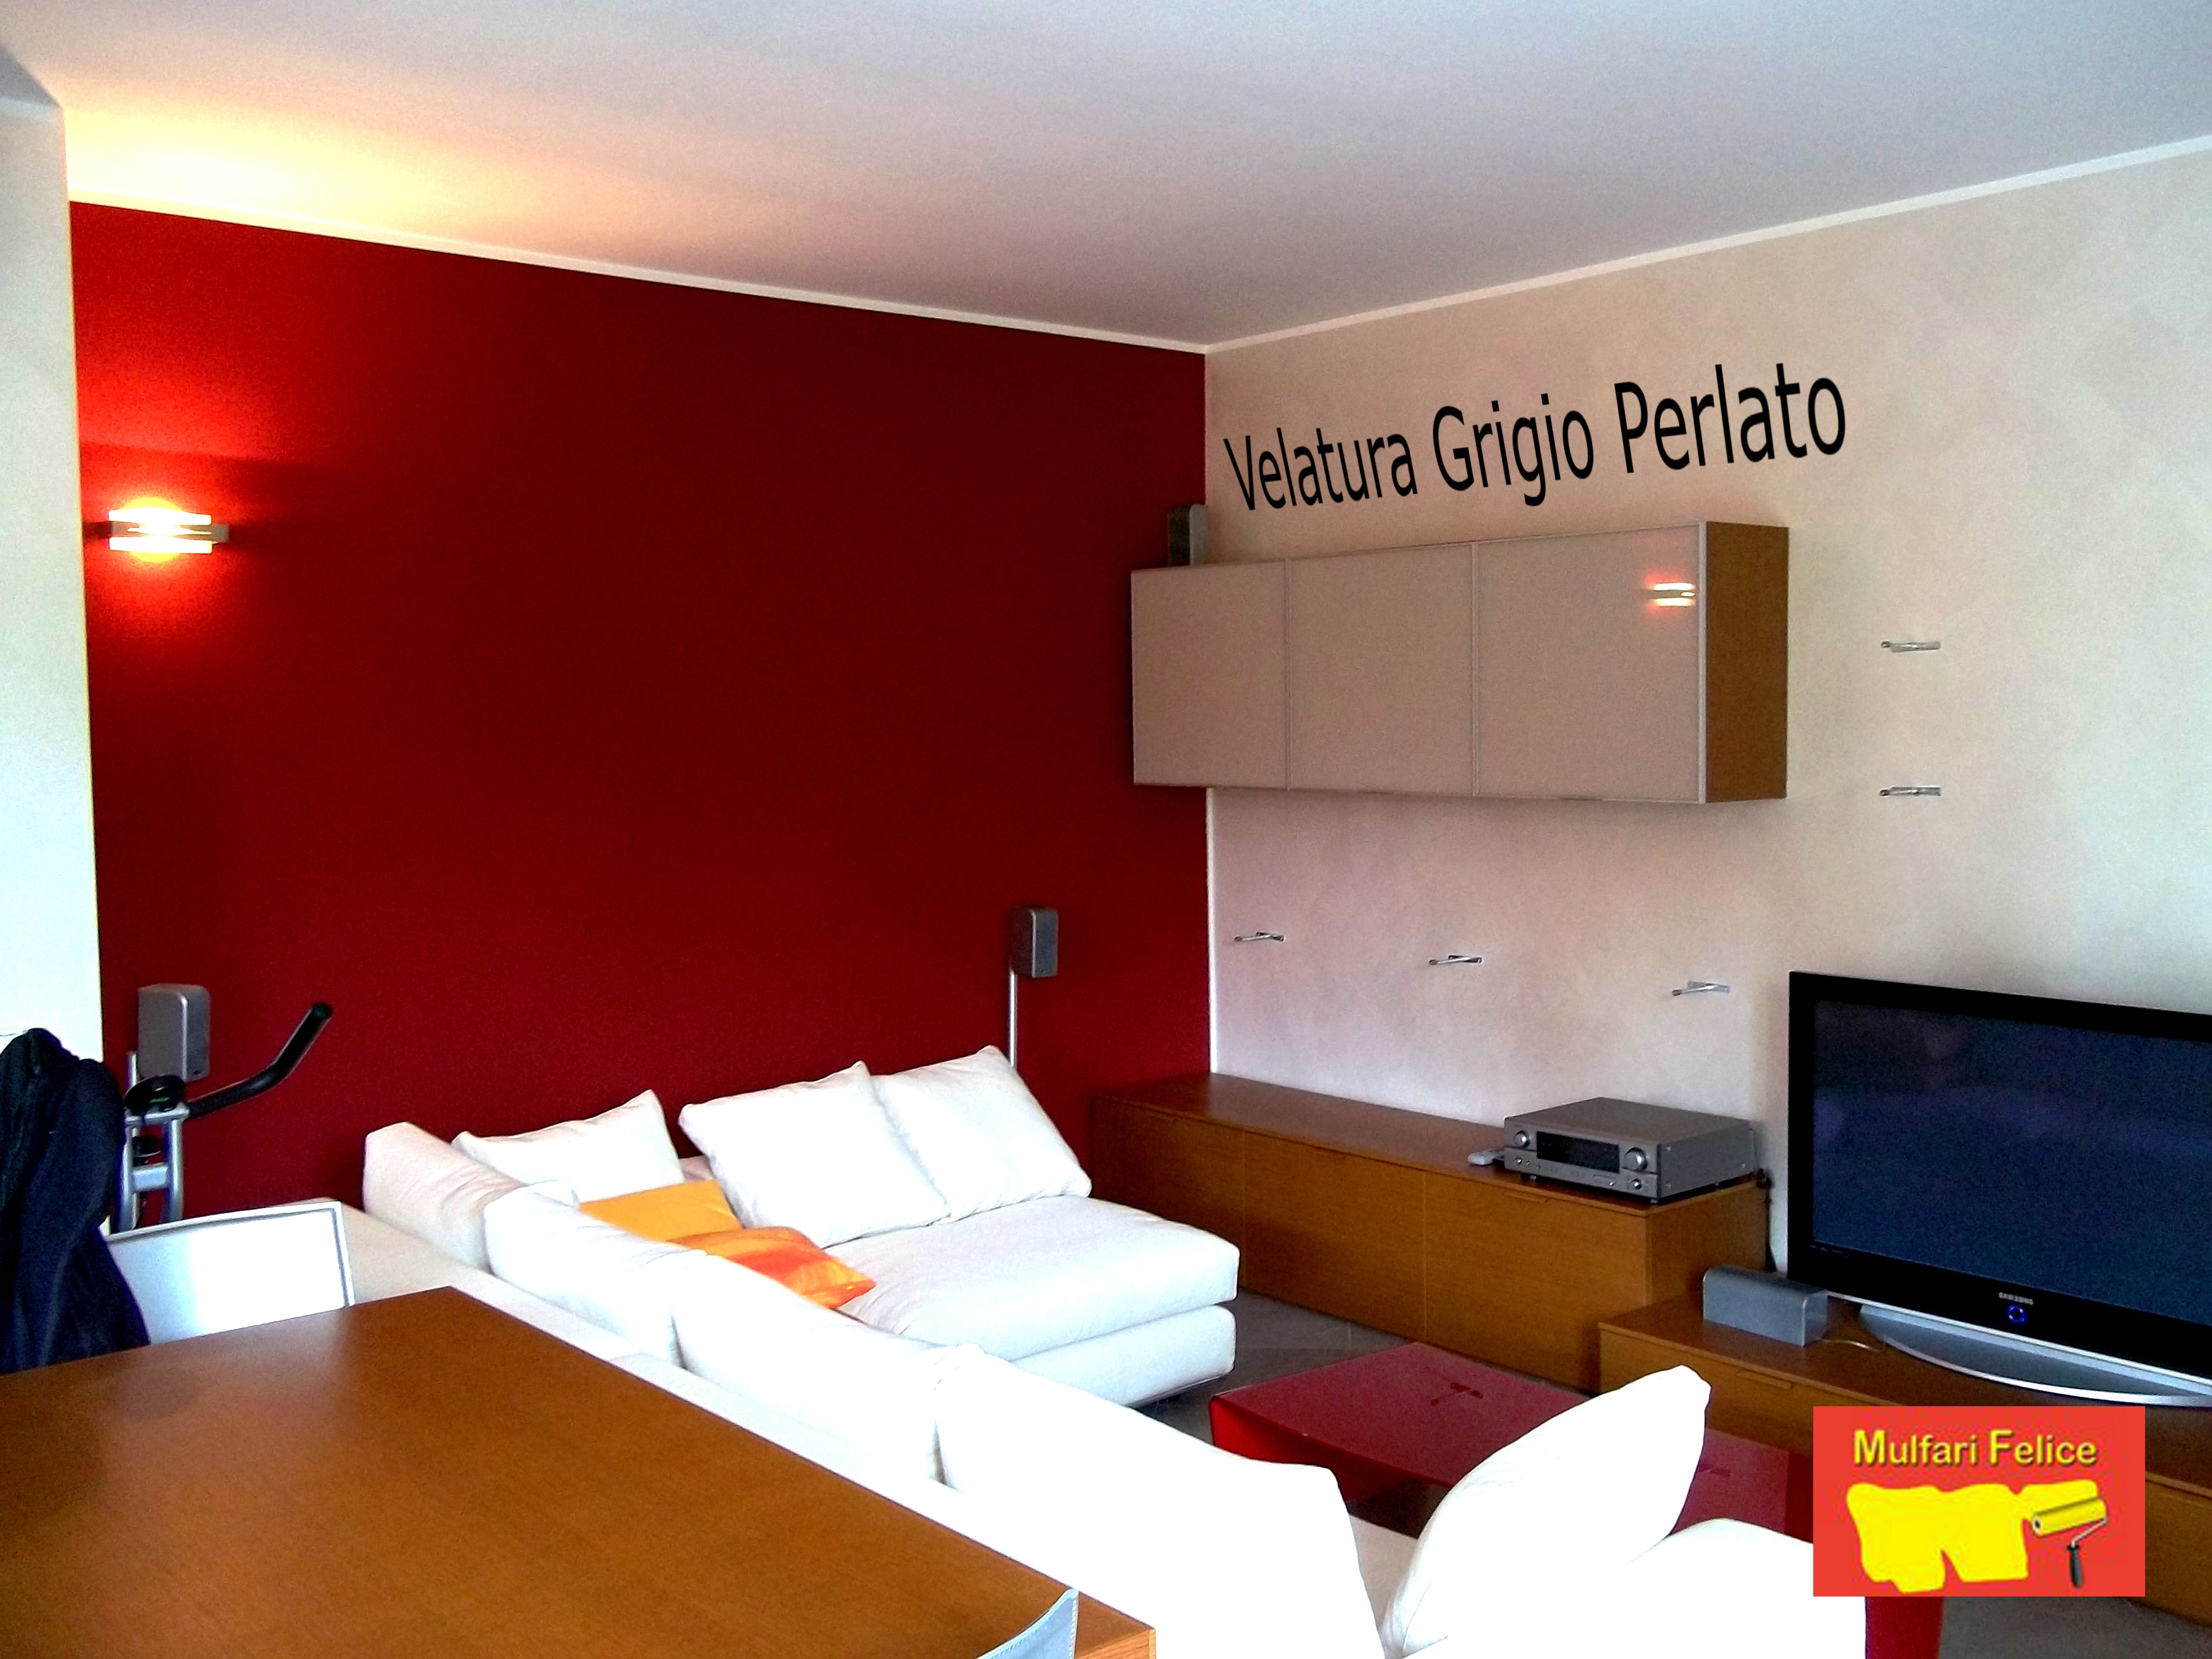 Velatura Grigio Perla con Parete Rossa per un Salone a Carate Brianza ...